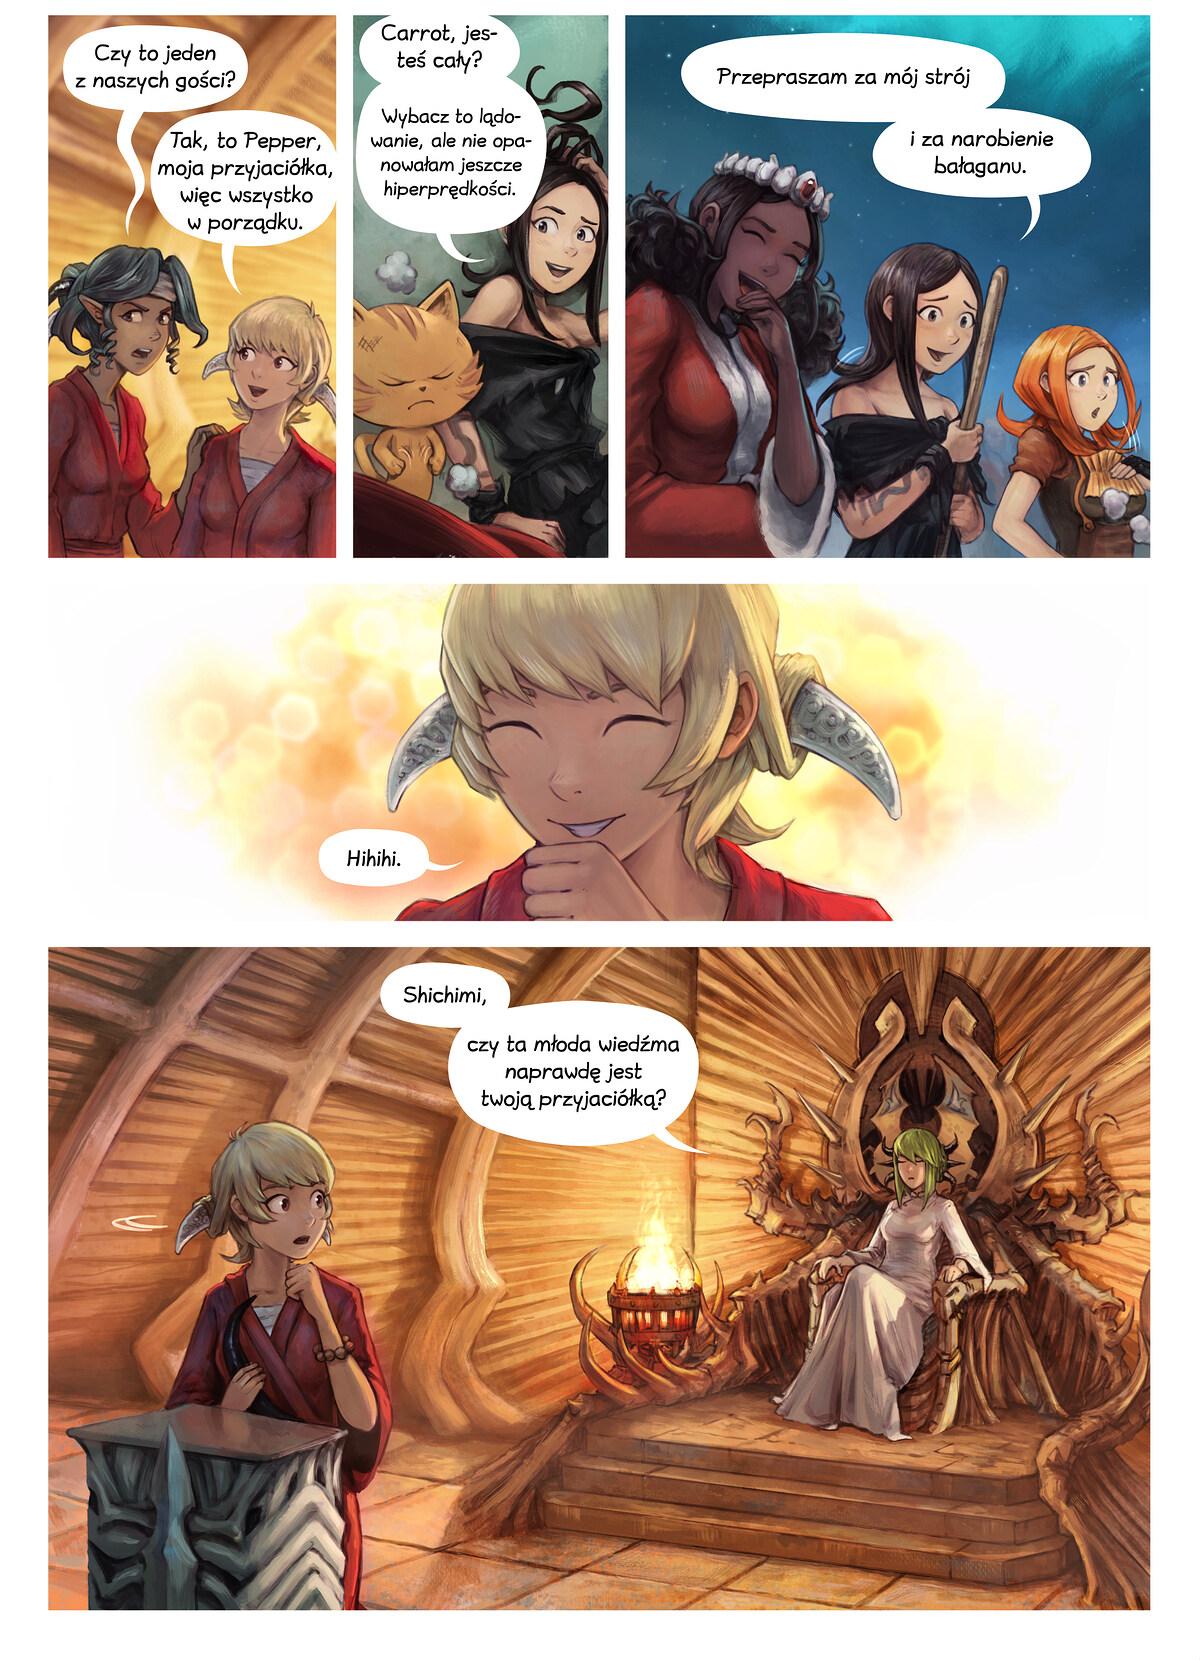 Odcinek 34: Pasowanie Shichimi, Page 3